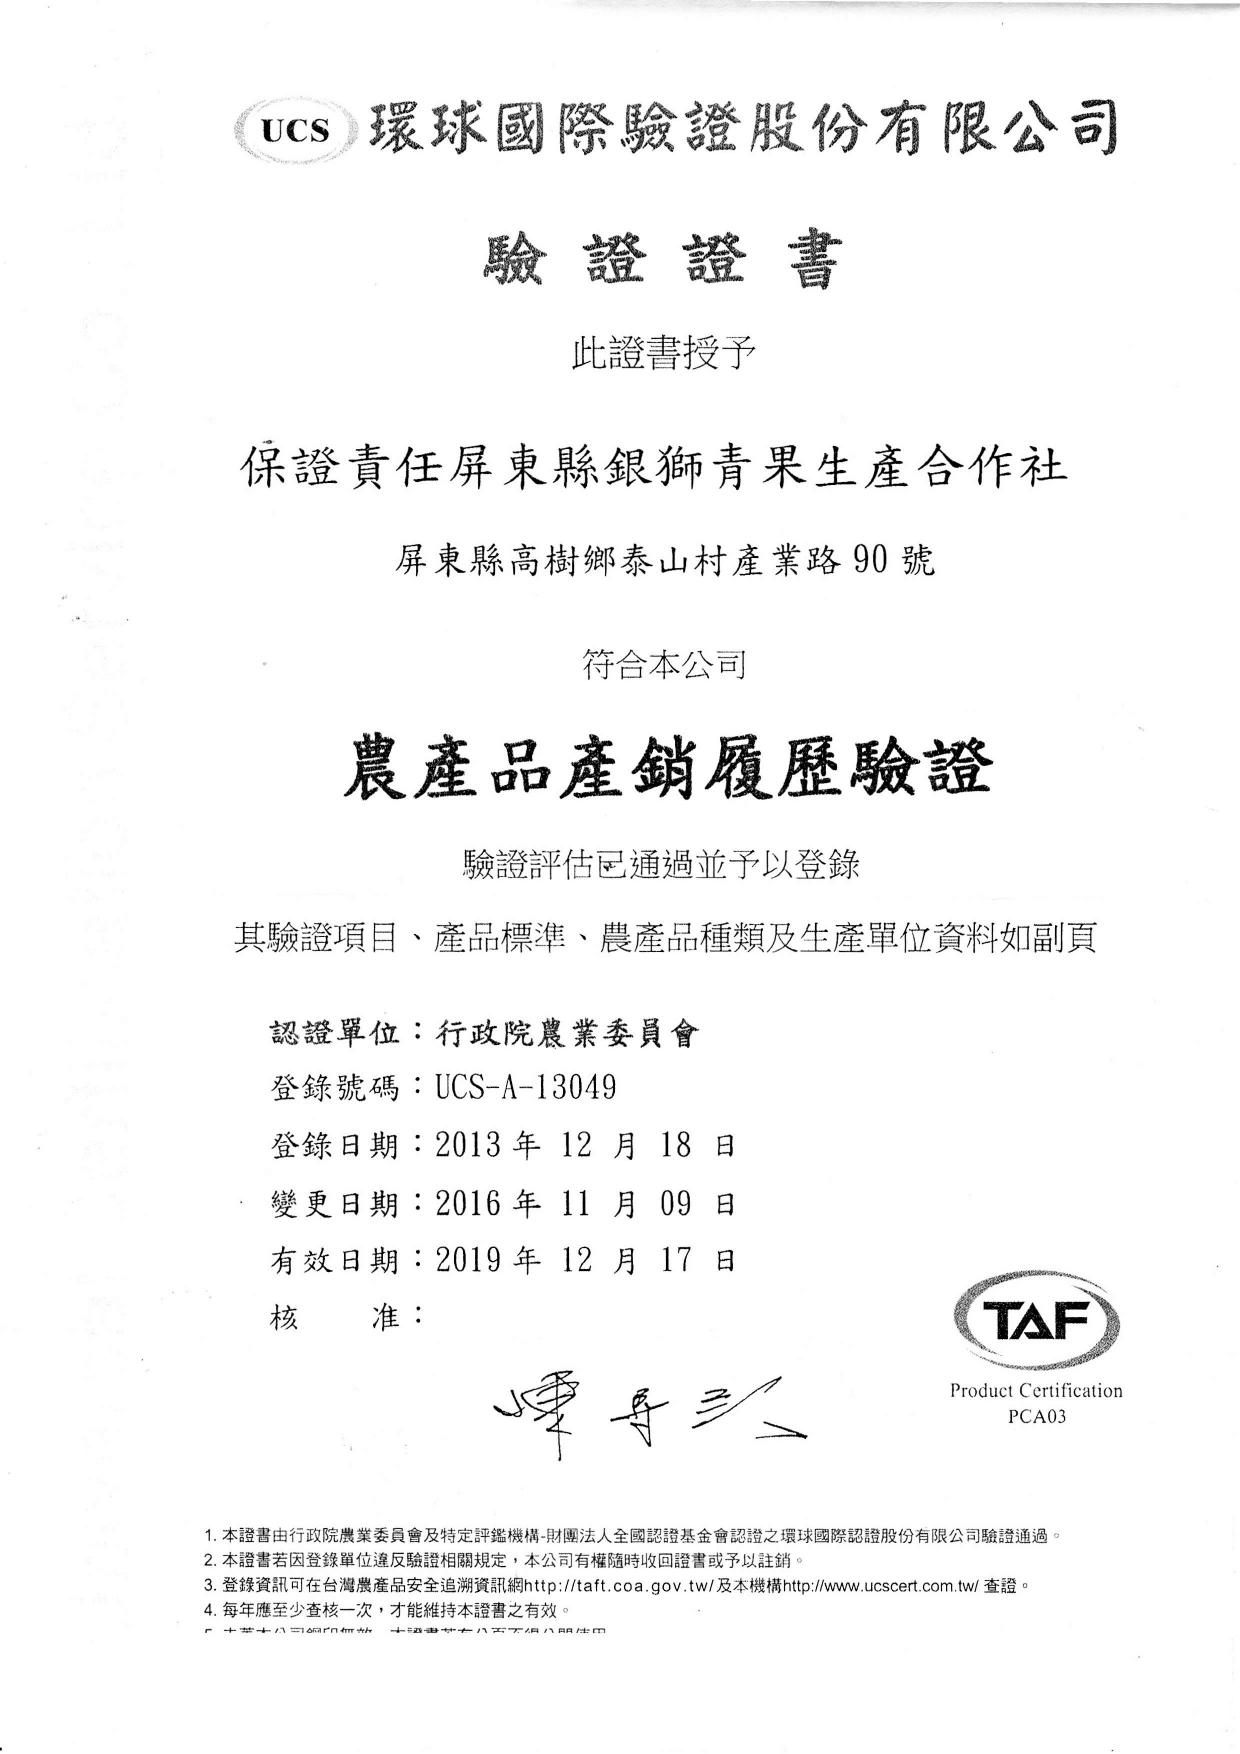 鳳梨產銷履歷證書_page-0001.jpg